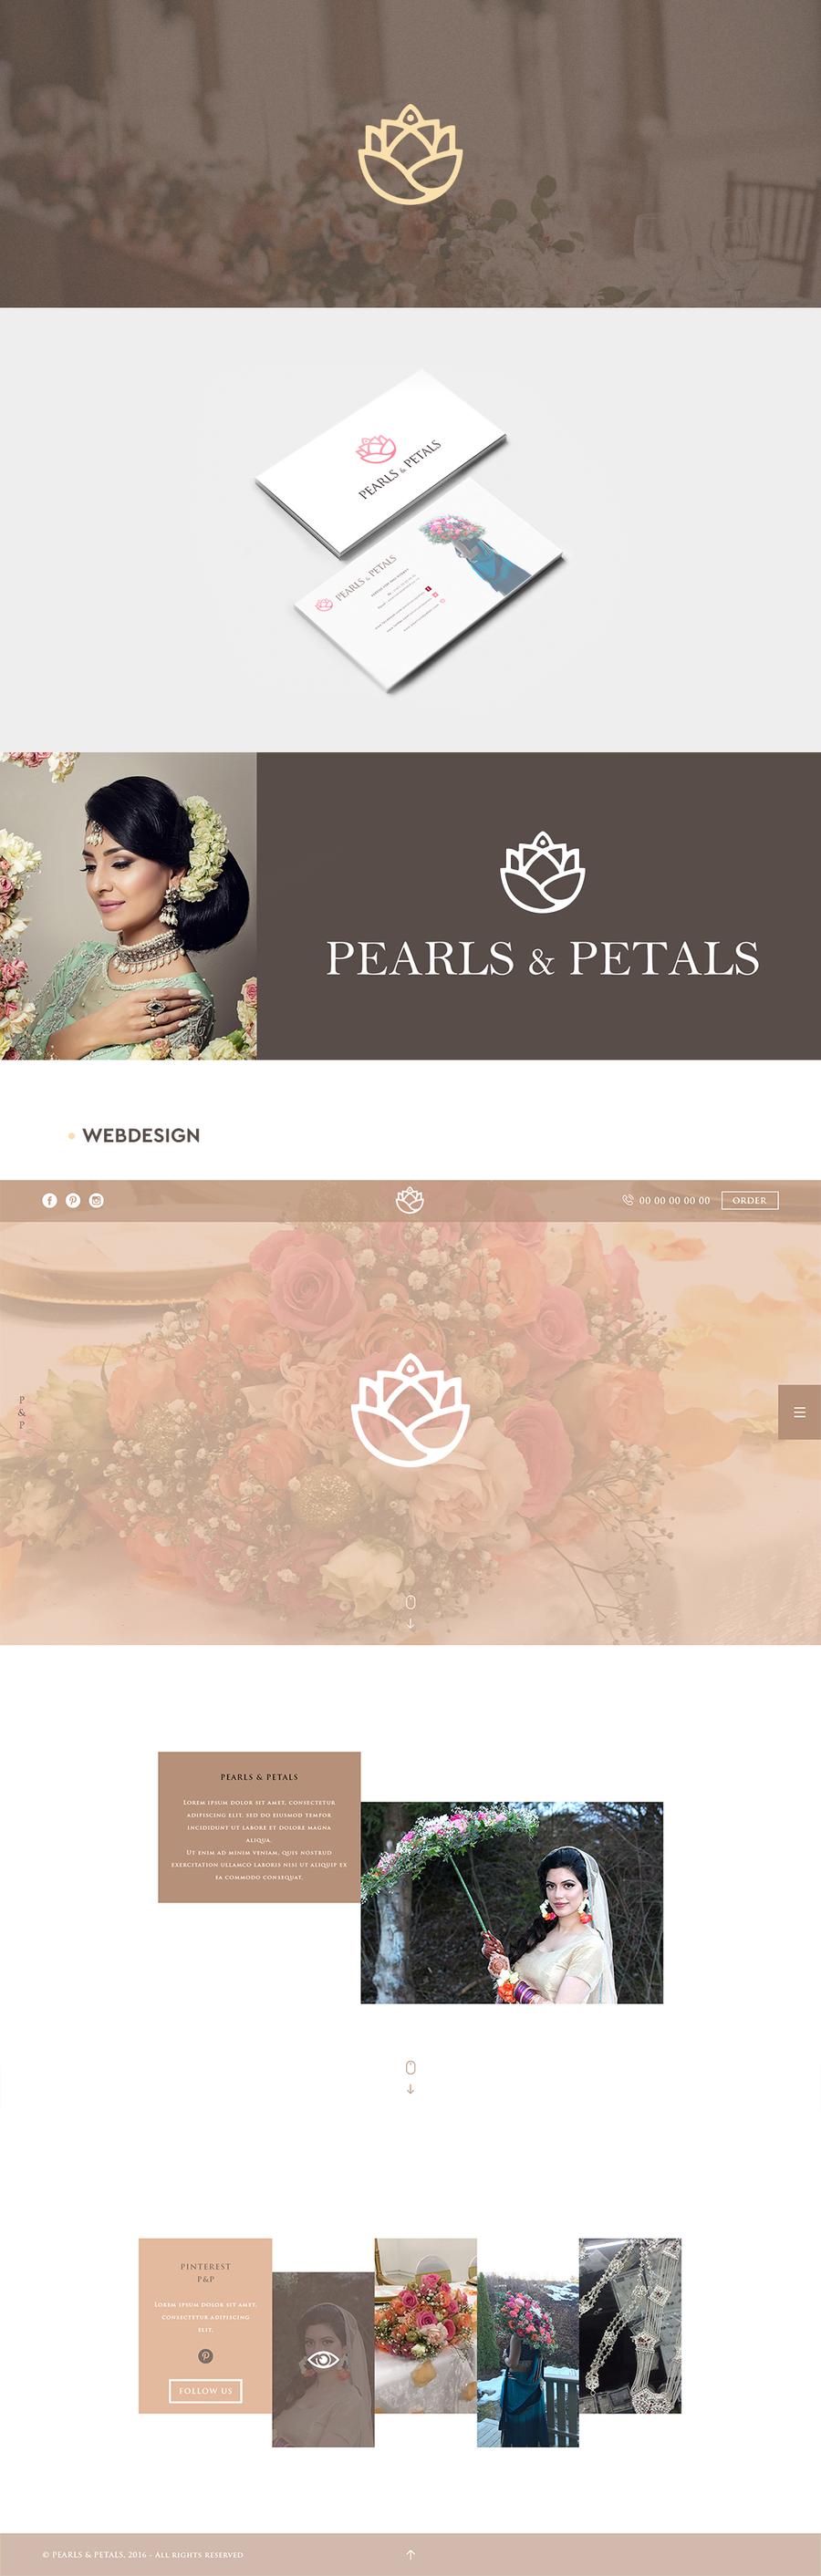 Pearls & Petals